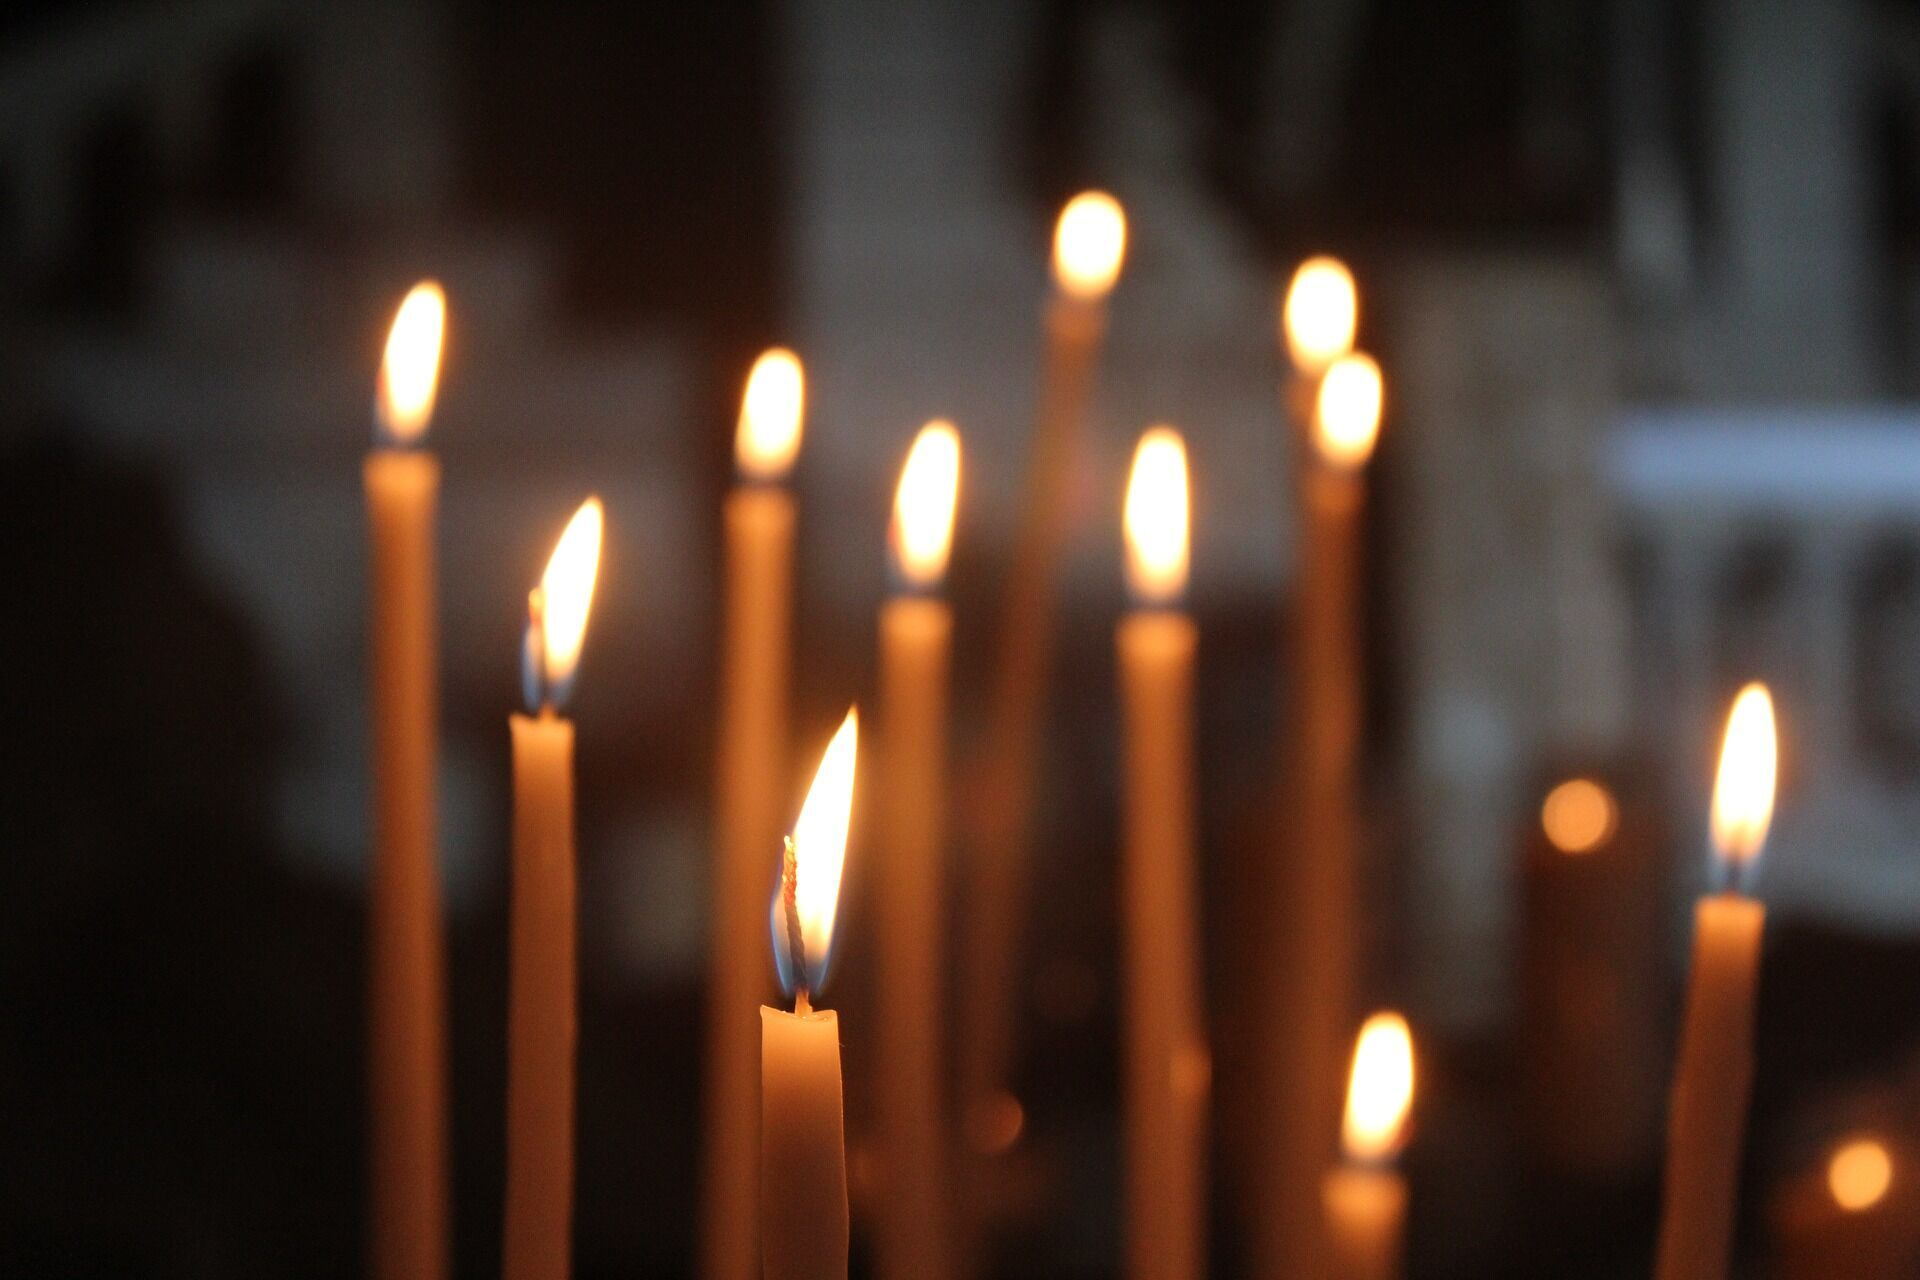 Троицкая суббота отмечается всегда накануне Дня Святой Троицы